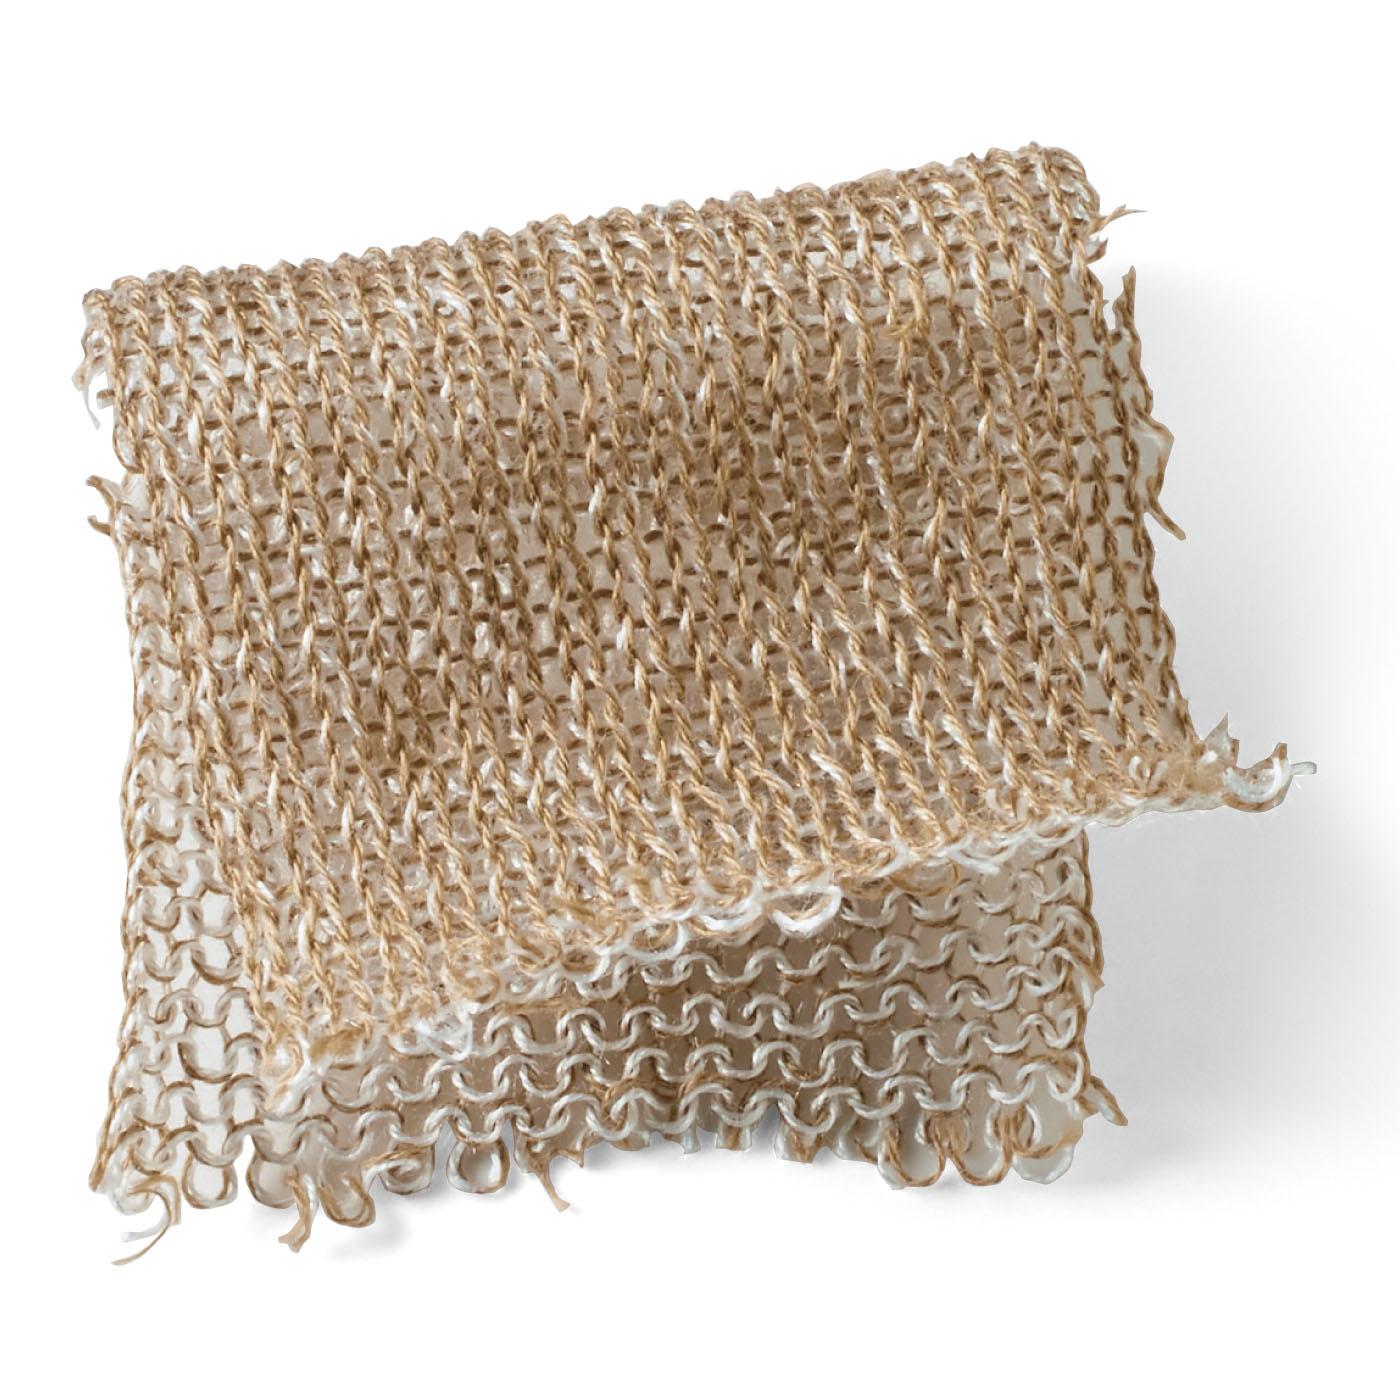 内側がシルク面になるように編み立てた、ゆる編みニット。通気性がよく、髪を摩擦からやさしくガードします。